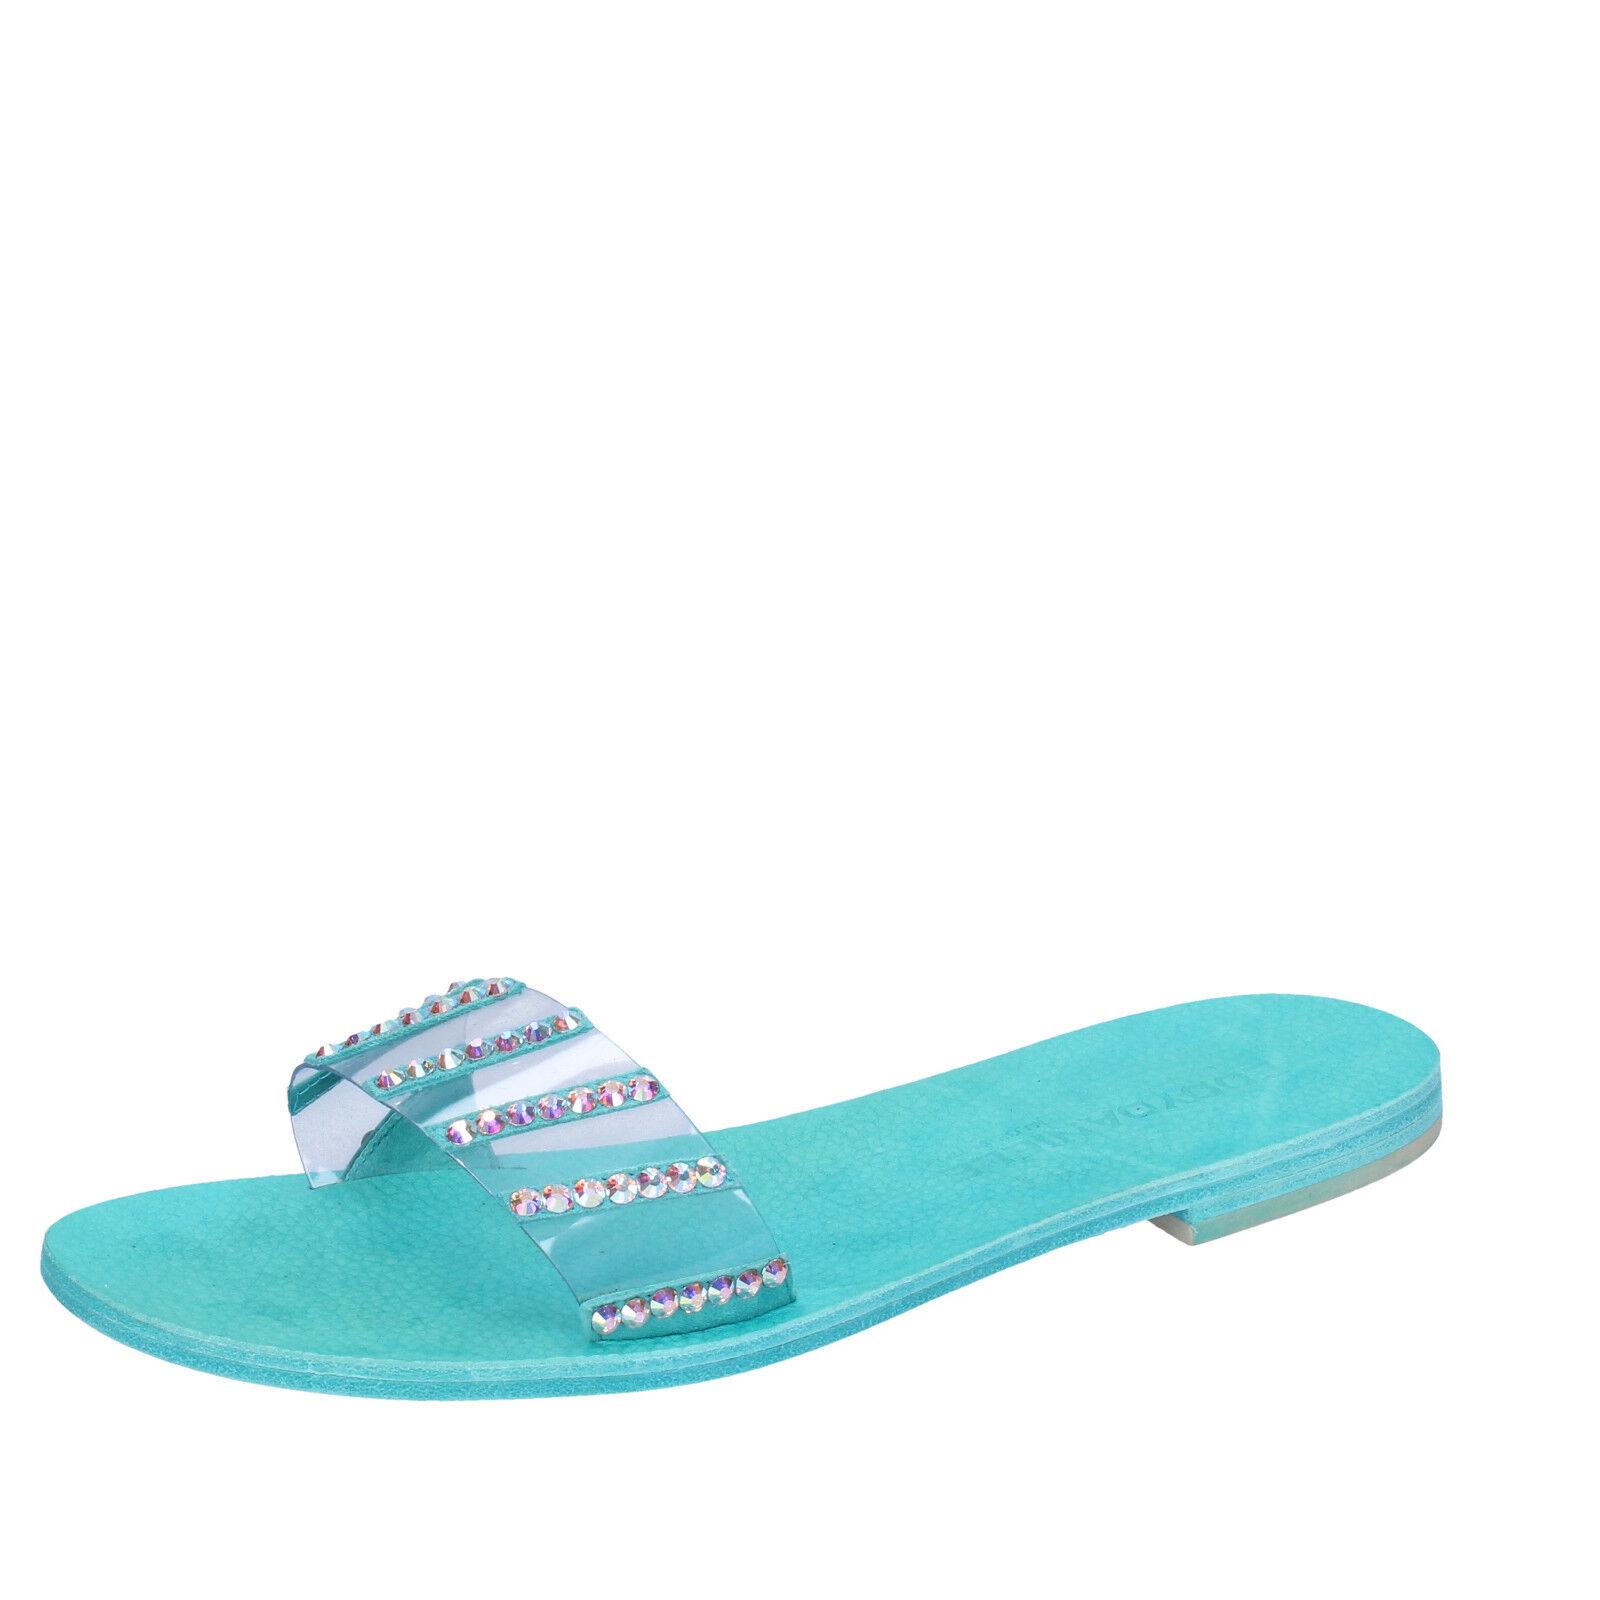 womens light shoes EDDY DANIELE 4 (EU 37) sandals light womens blue suede swarovski AW675 849add